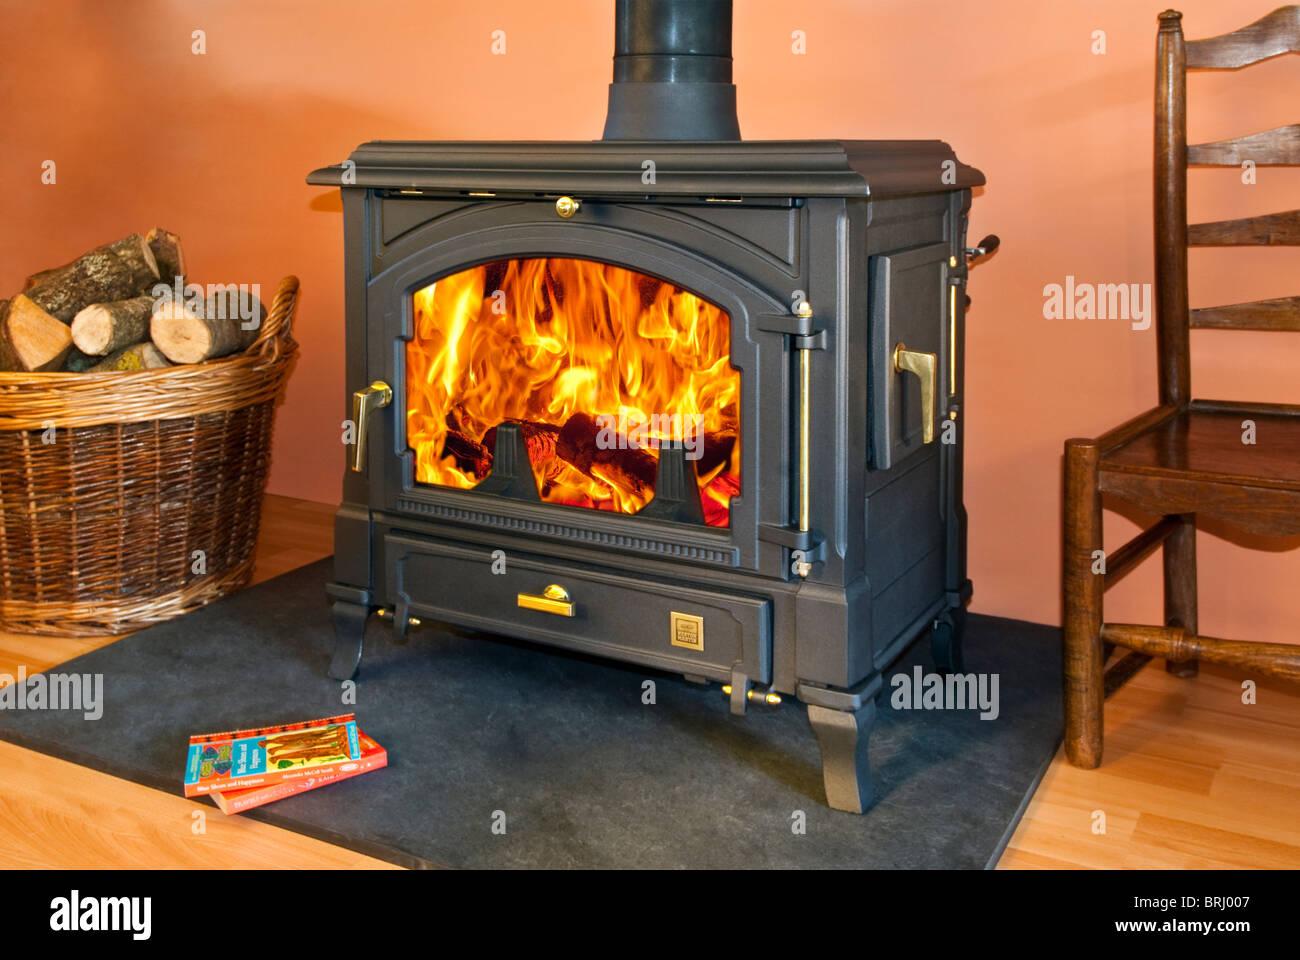 Schöne öfen franco belge holzofen ofen mit schöne flammen stockfoto bild